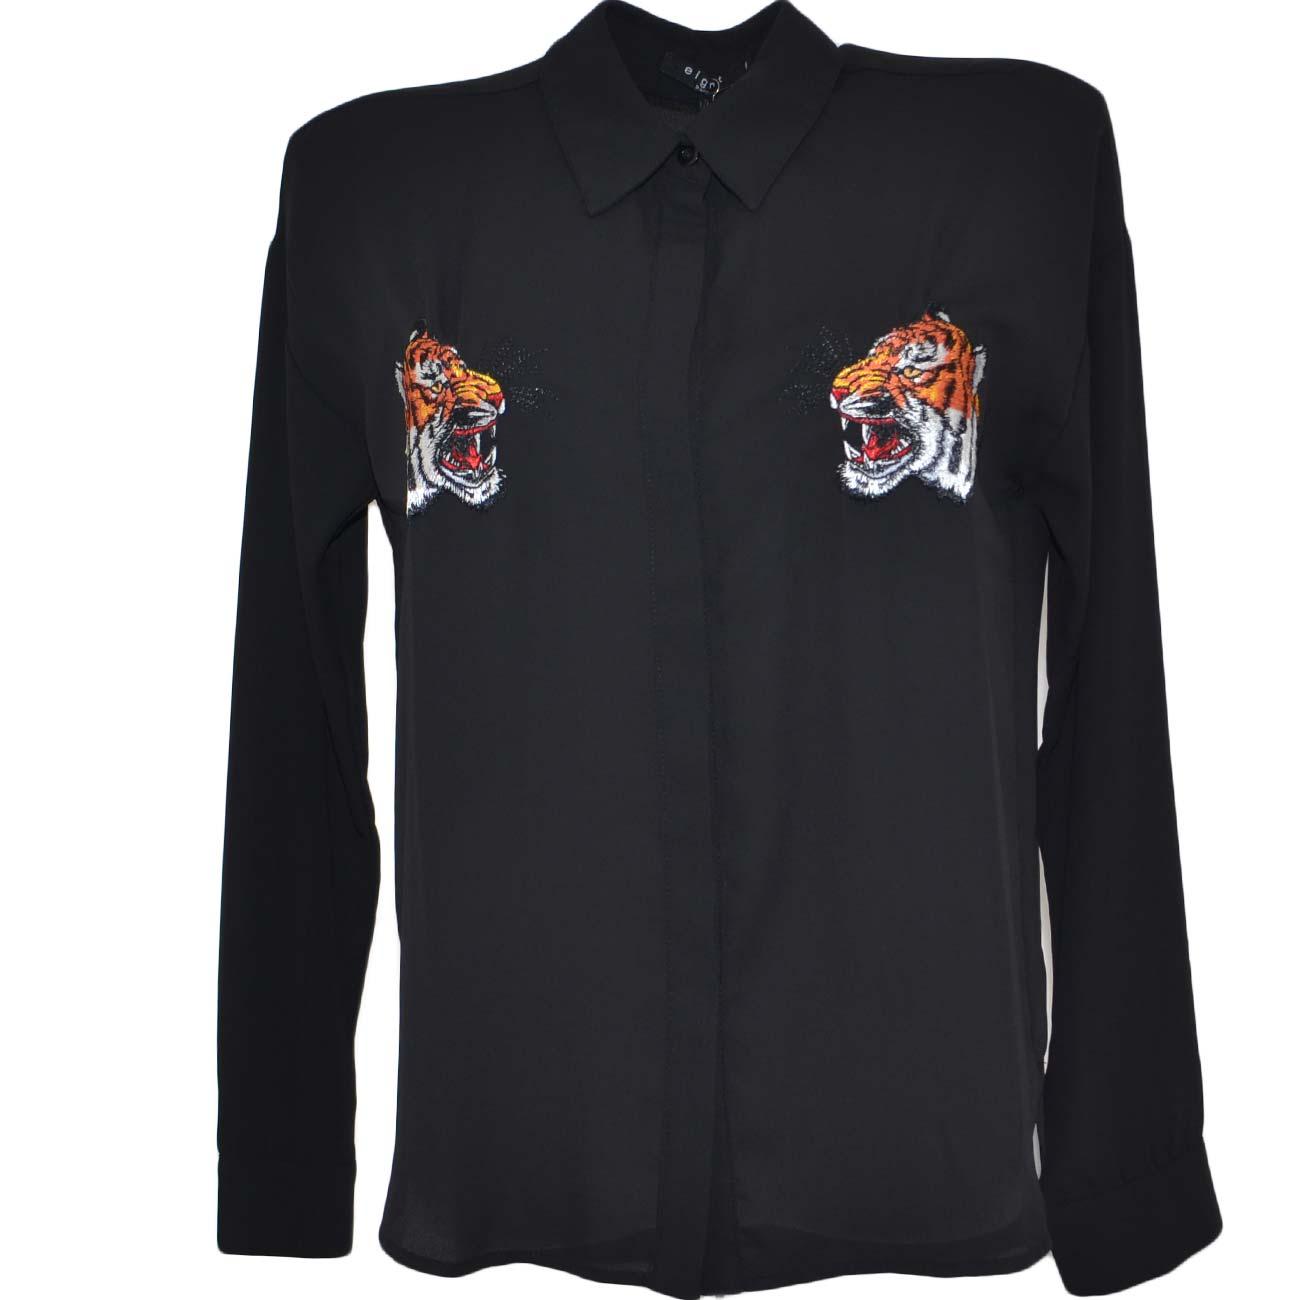 new product 40cf5 e5368 Camicia donna nera velata in viscosa con stemmi di tigre cucite altezza  petto moda trasparente linea basic donna camicie Malu Shoes | MaluShoes